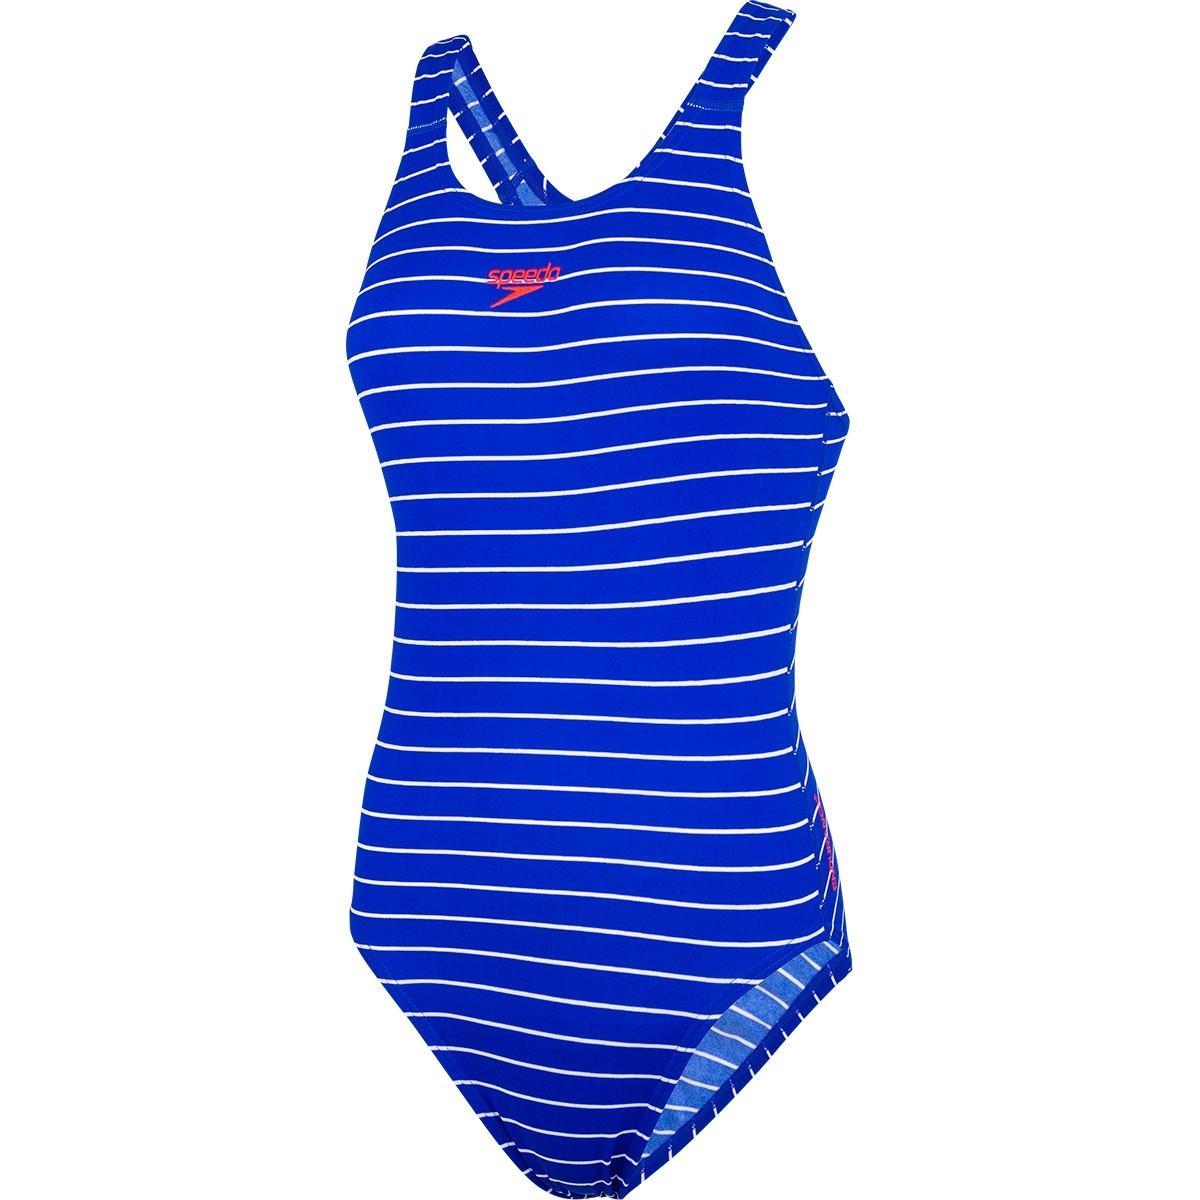 speedo schwimmanzug endurance+ medalist blau streifen